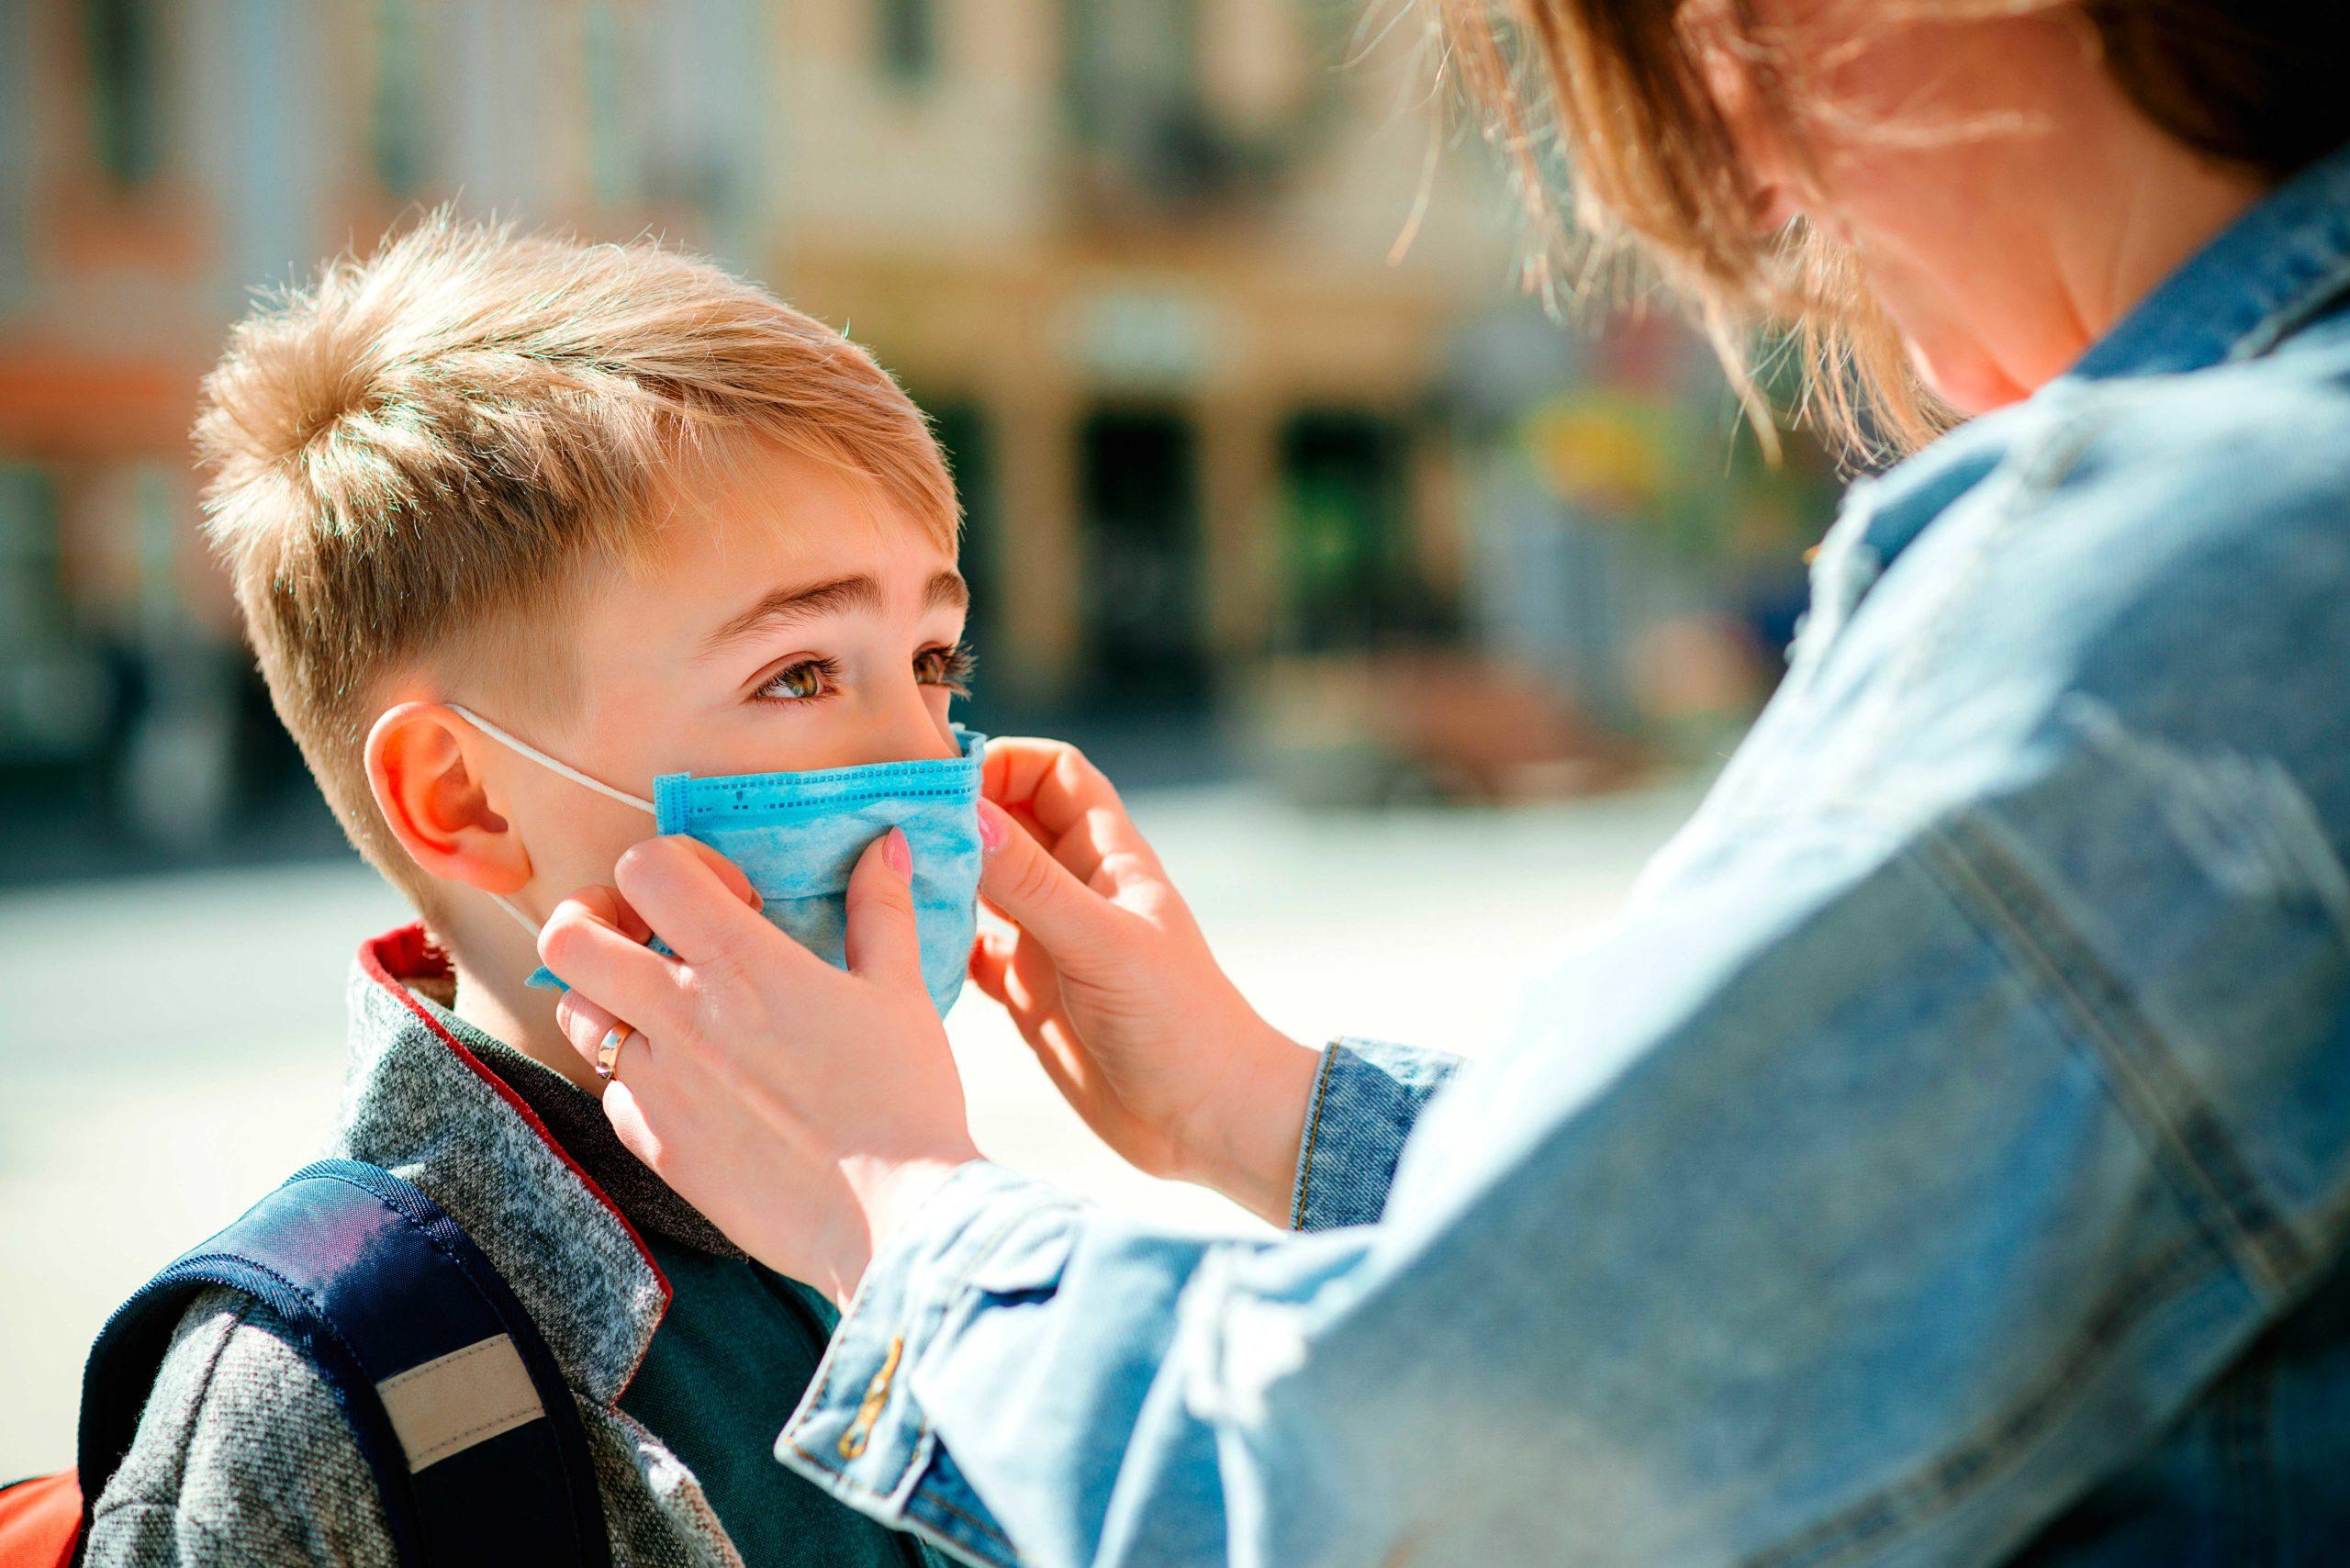 Retorno às aulas: quais cuidados os pais devem tomar?